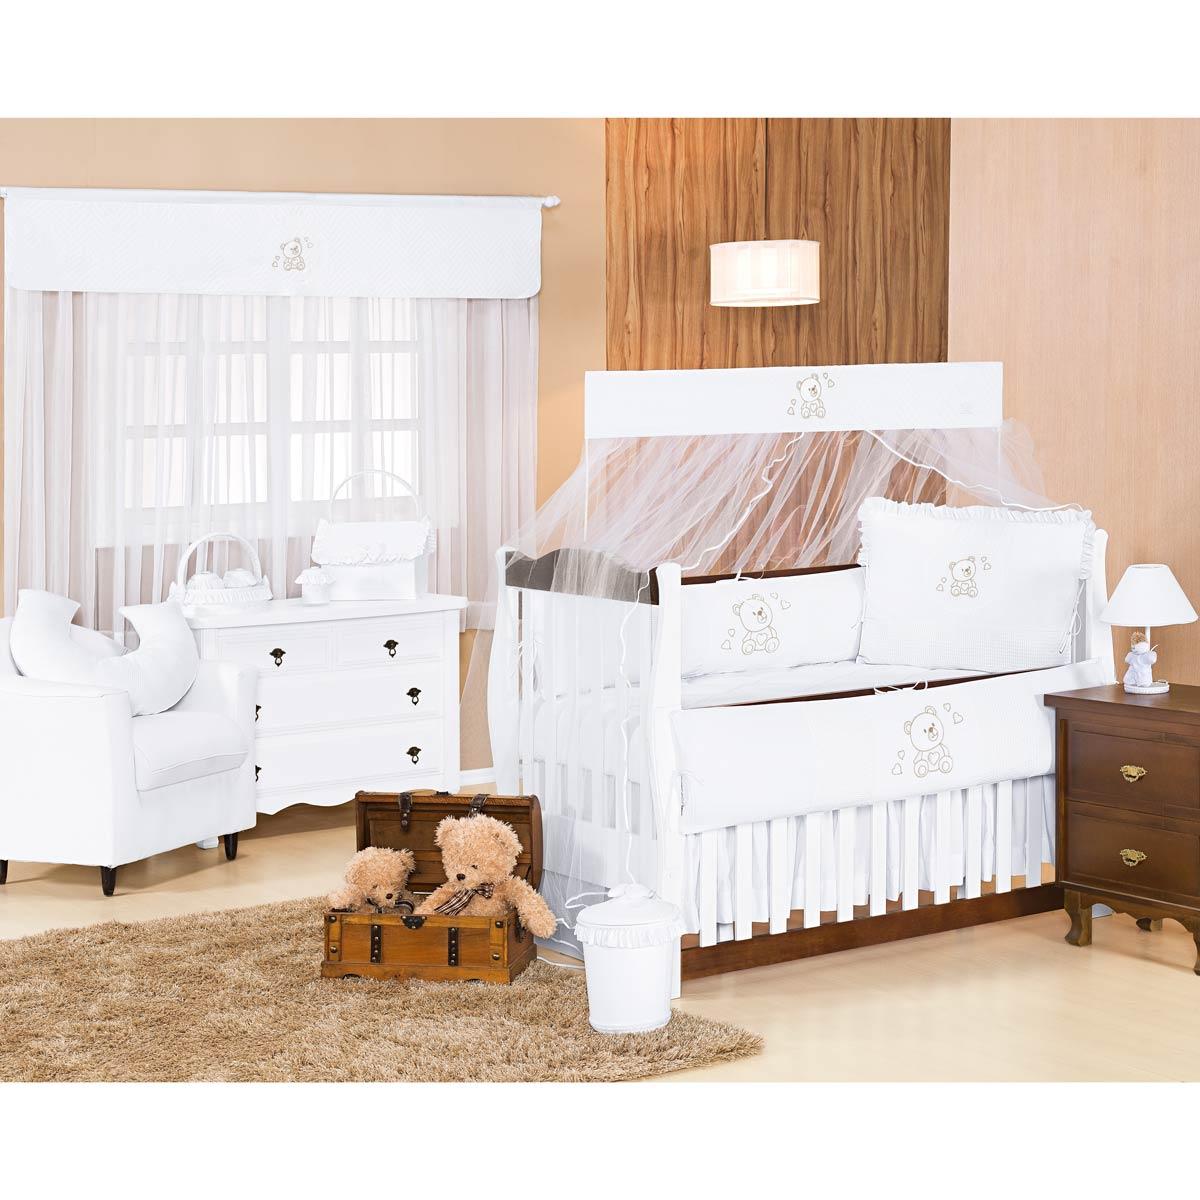 Lixeira Enfeitada p/ Quarto de Bebê - Coleção Imperialle Branco